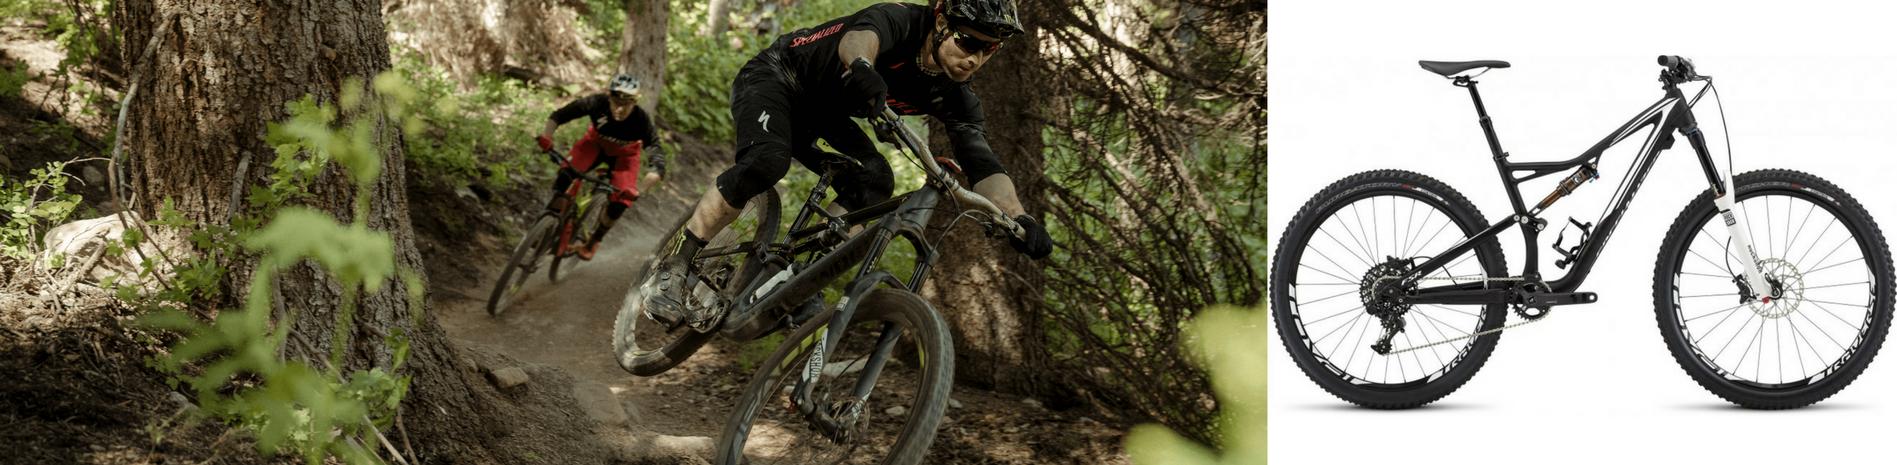 Začíname s cyklistikou #1. Horský bicykel